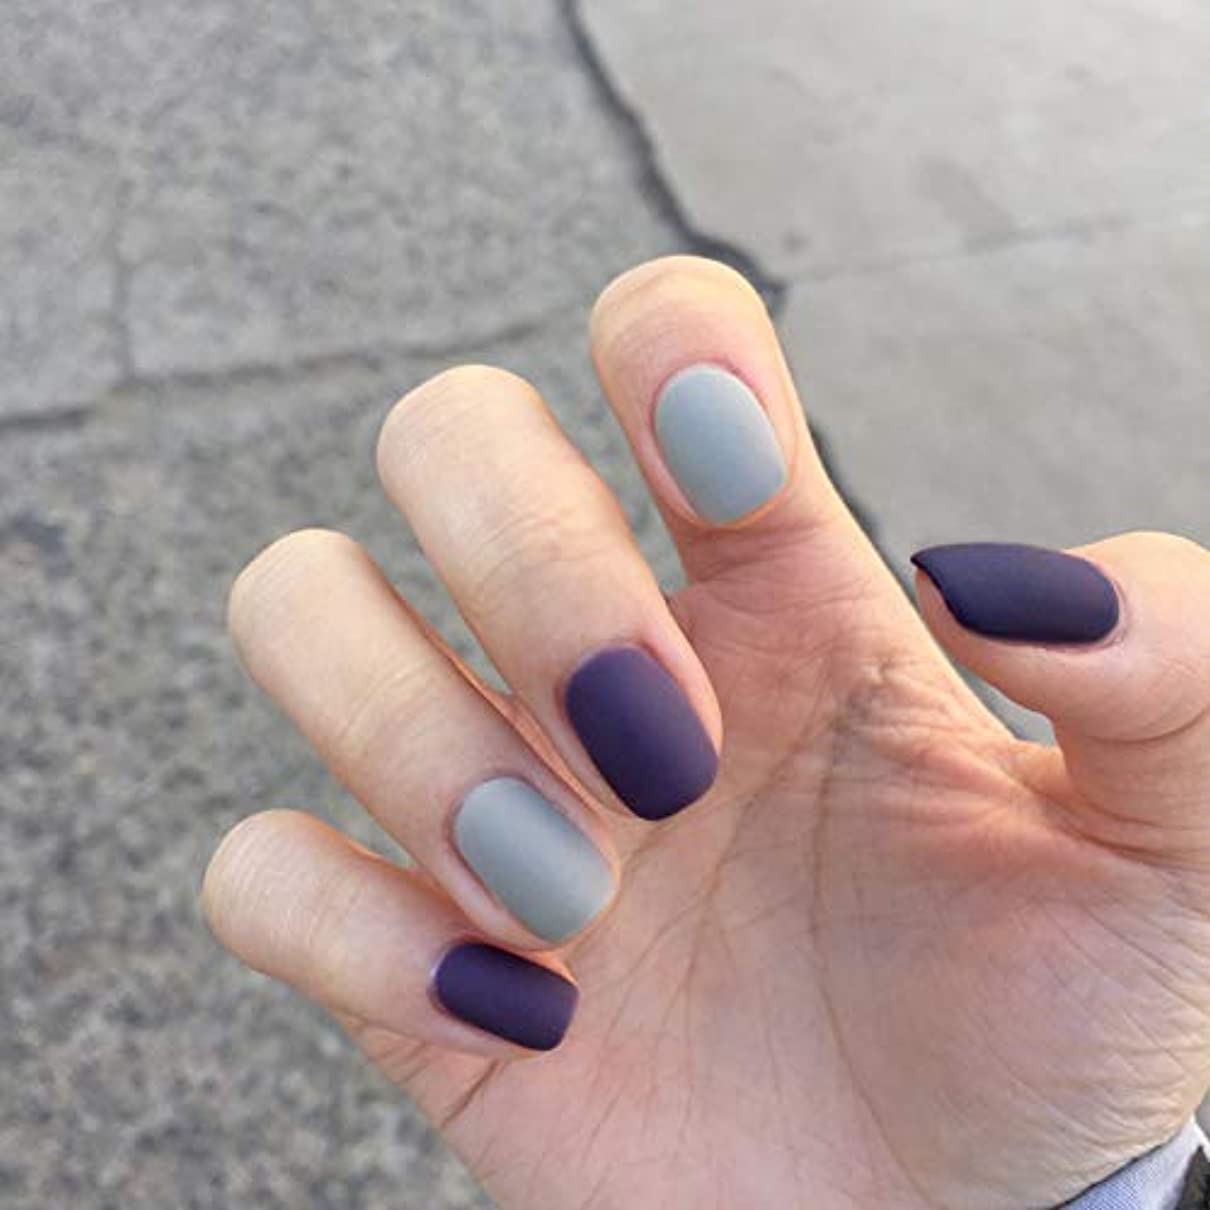 滝是正同意するins 人気の 24pcs 研磨 パープル 优雅 で気质の高い淑女 ネイルチップ つけ爪 (A)